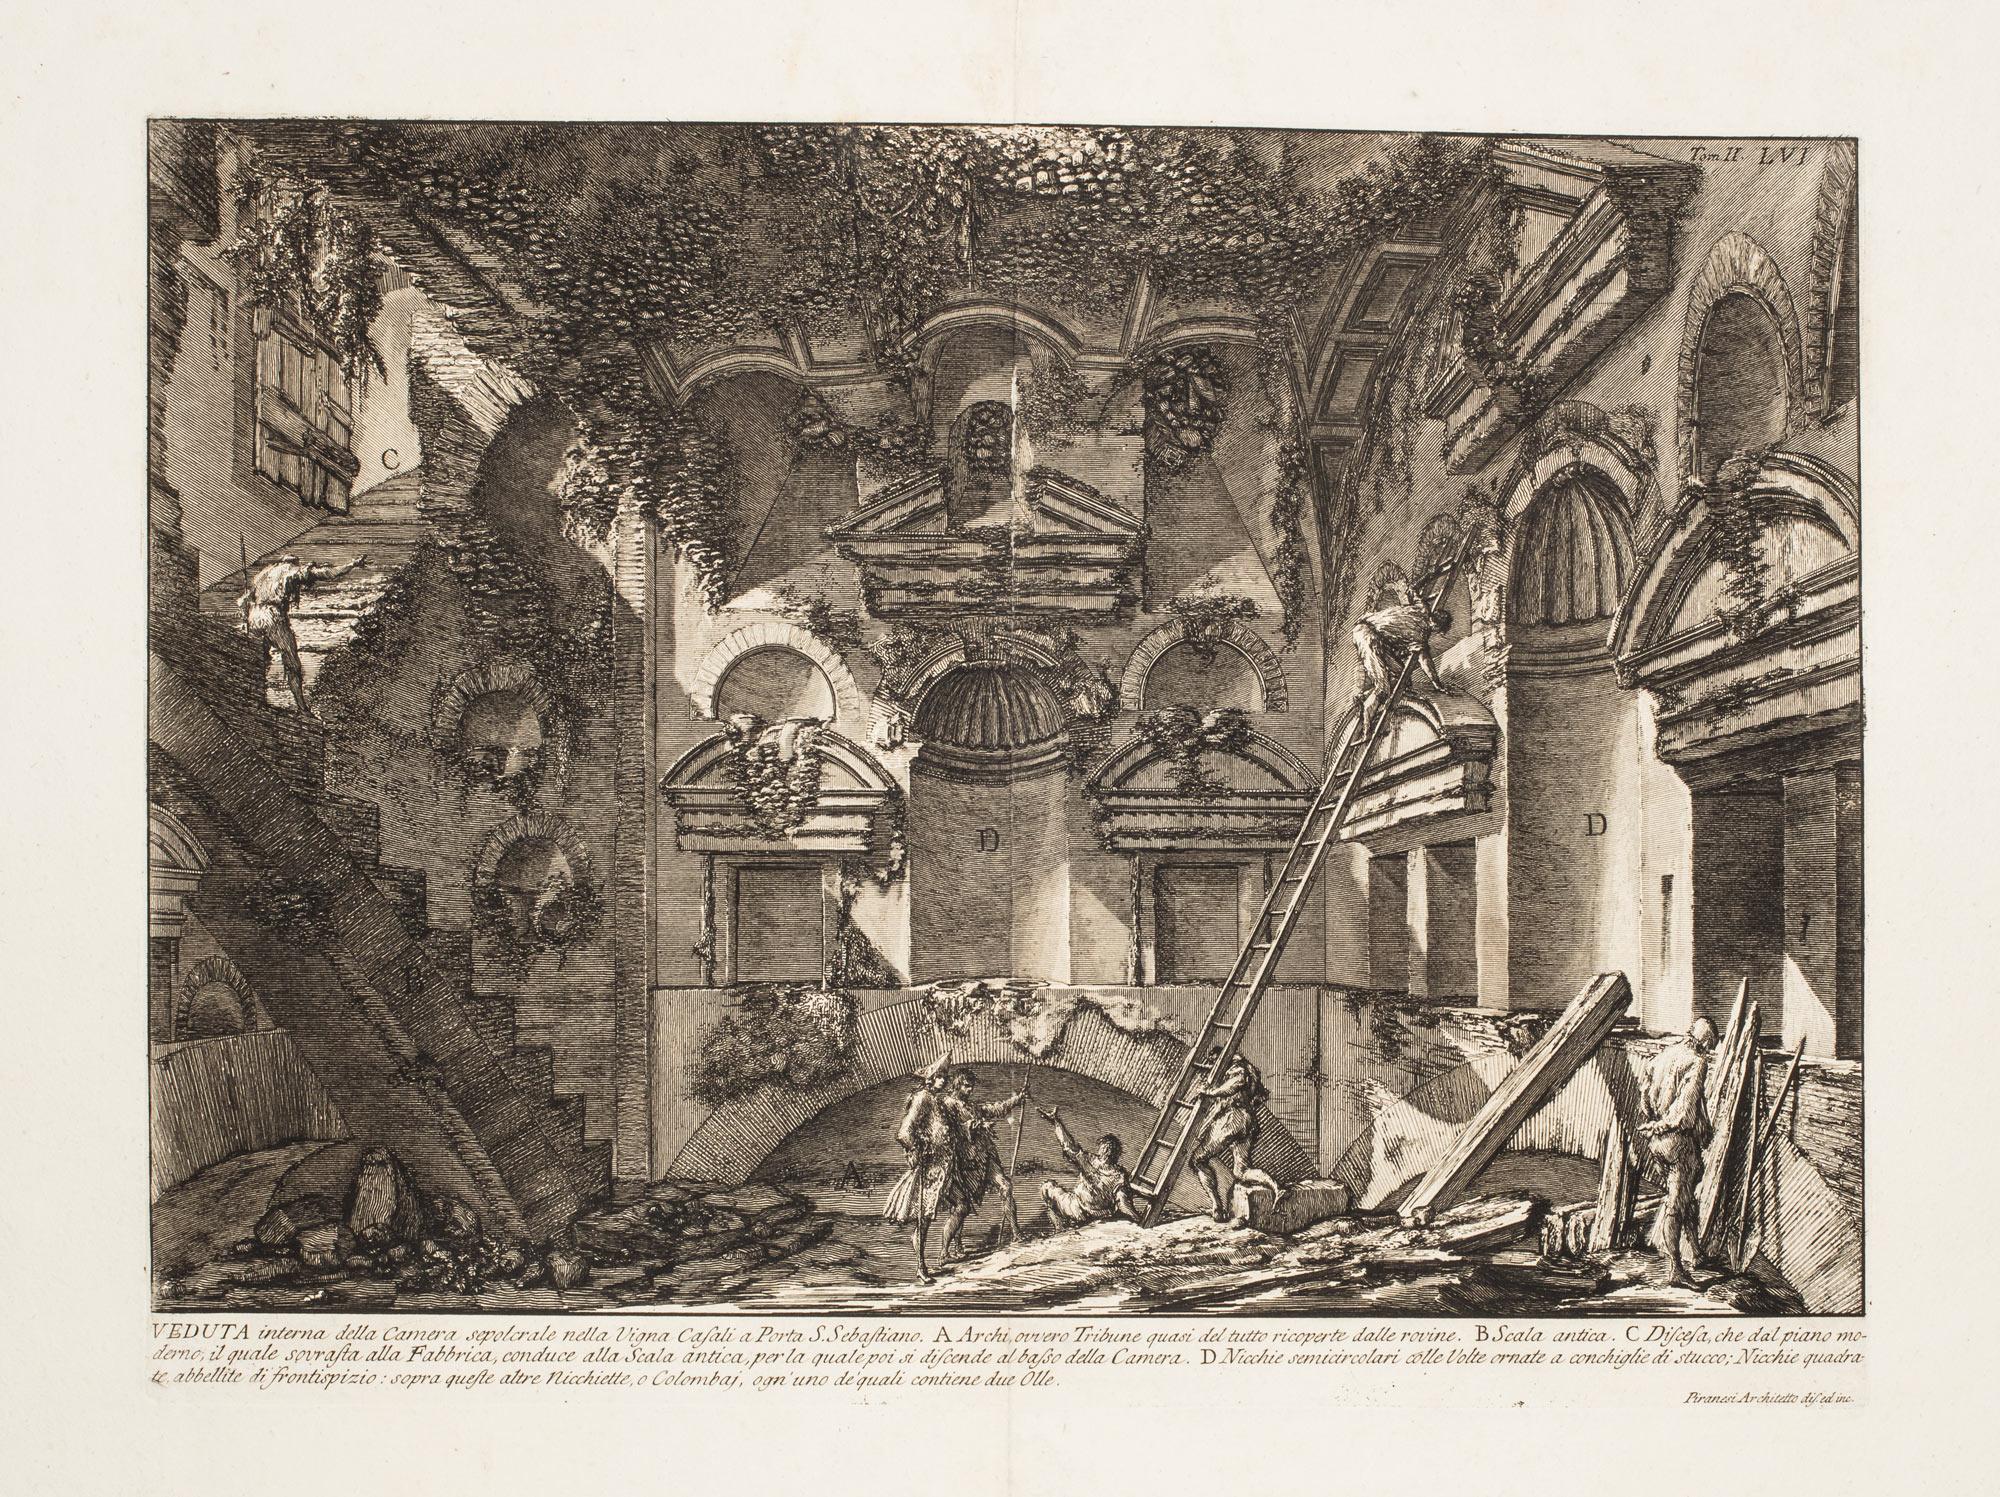 Veduta interna della camera sepolcrale nella Vigna Casali a Porta S. Sebastiano